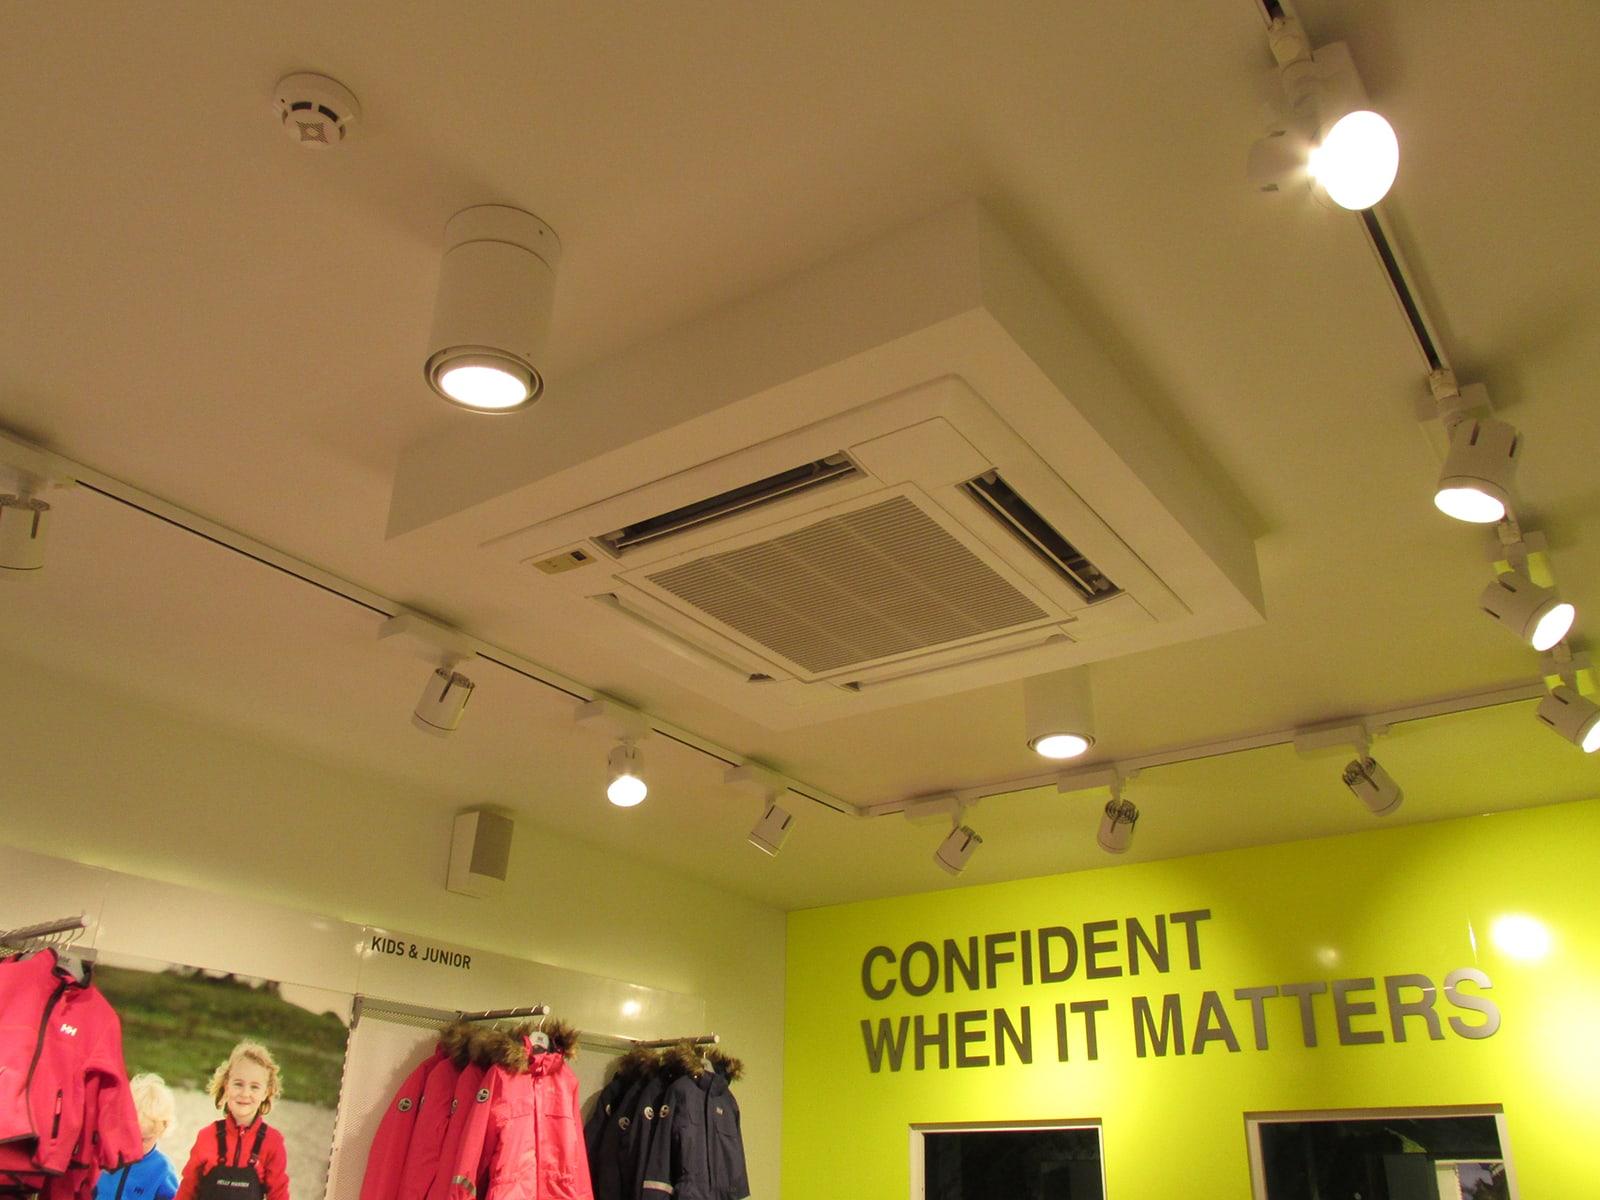 Установка вытяжной системы вентиляции и кассетных кондиционеров в Киеве